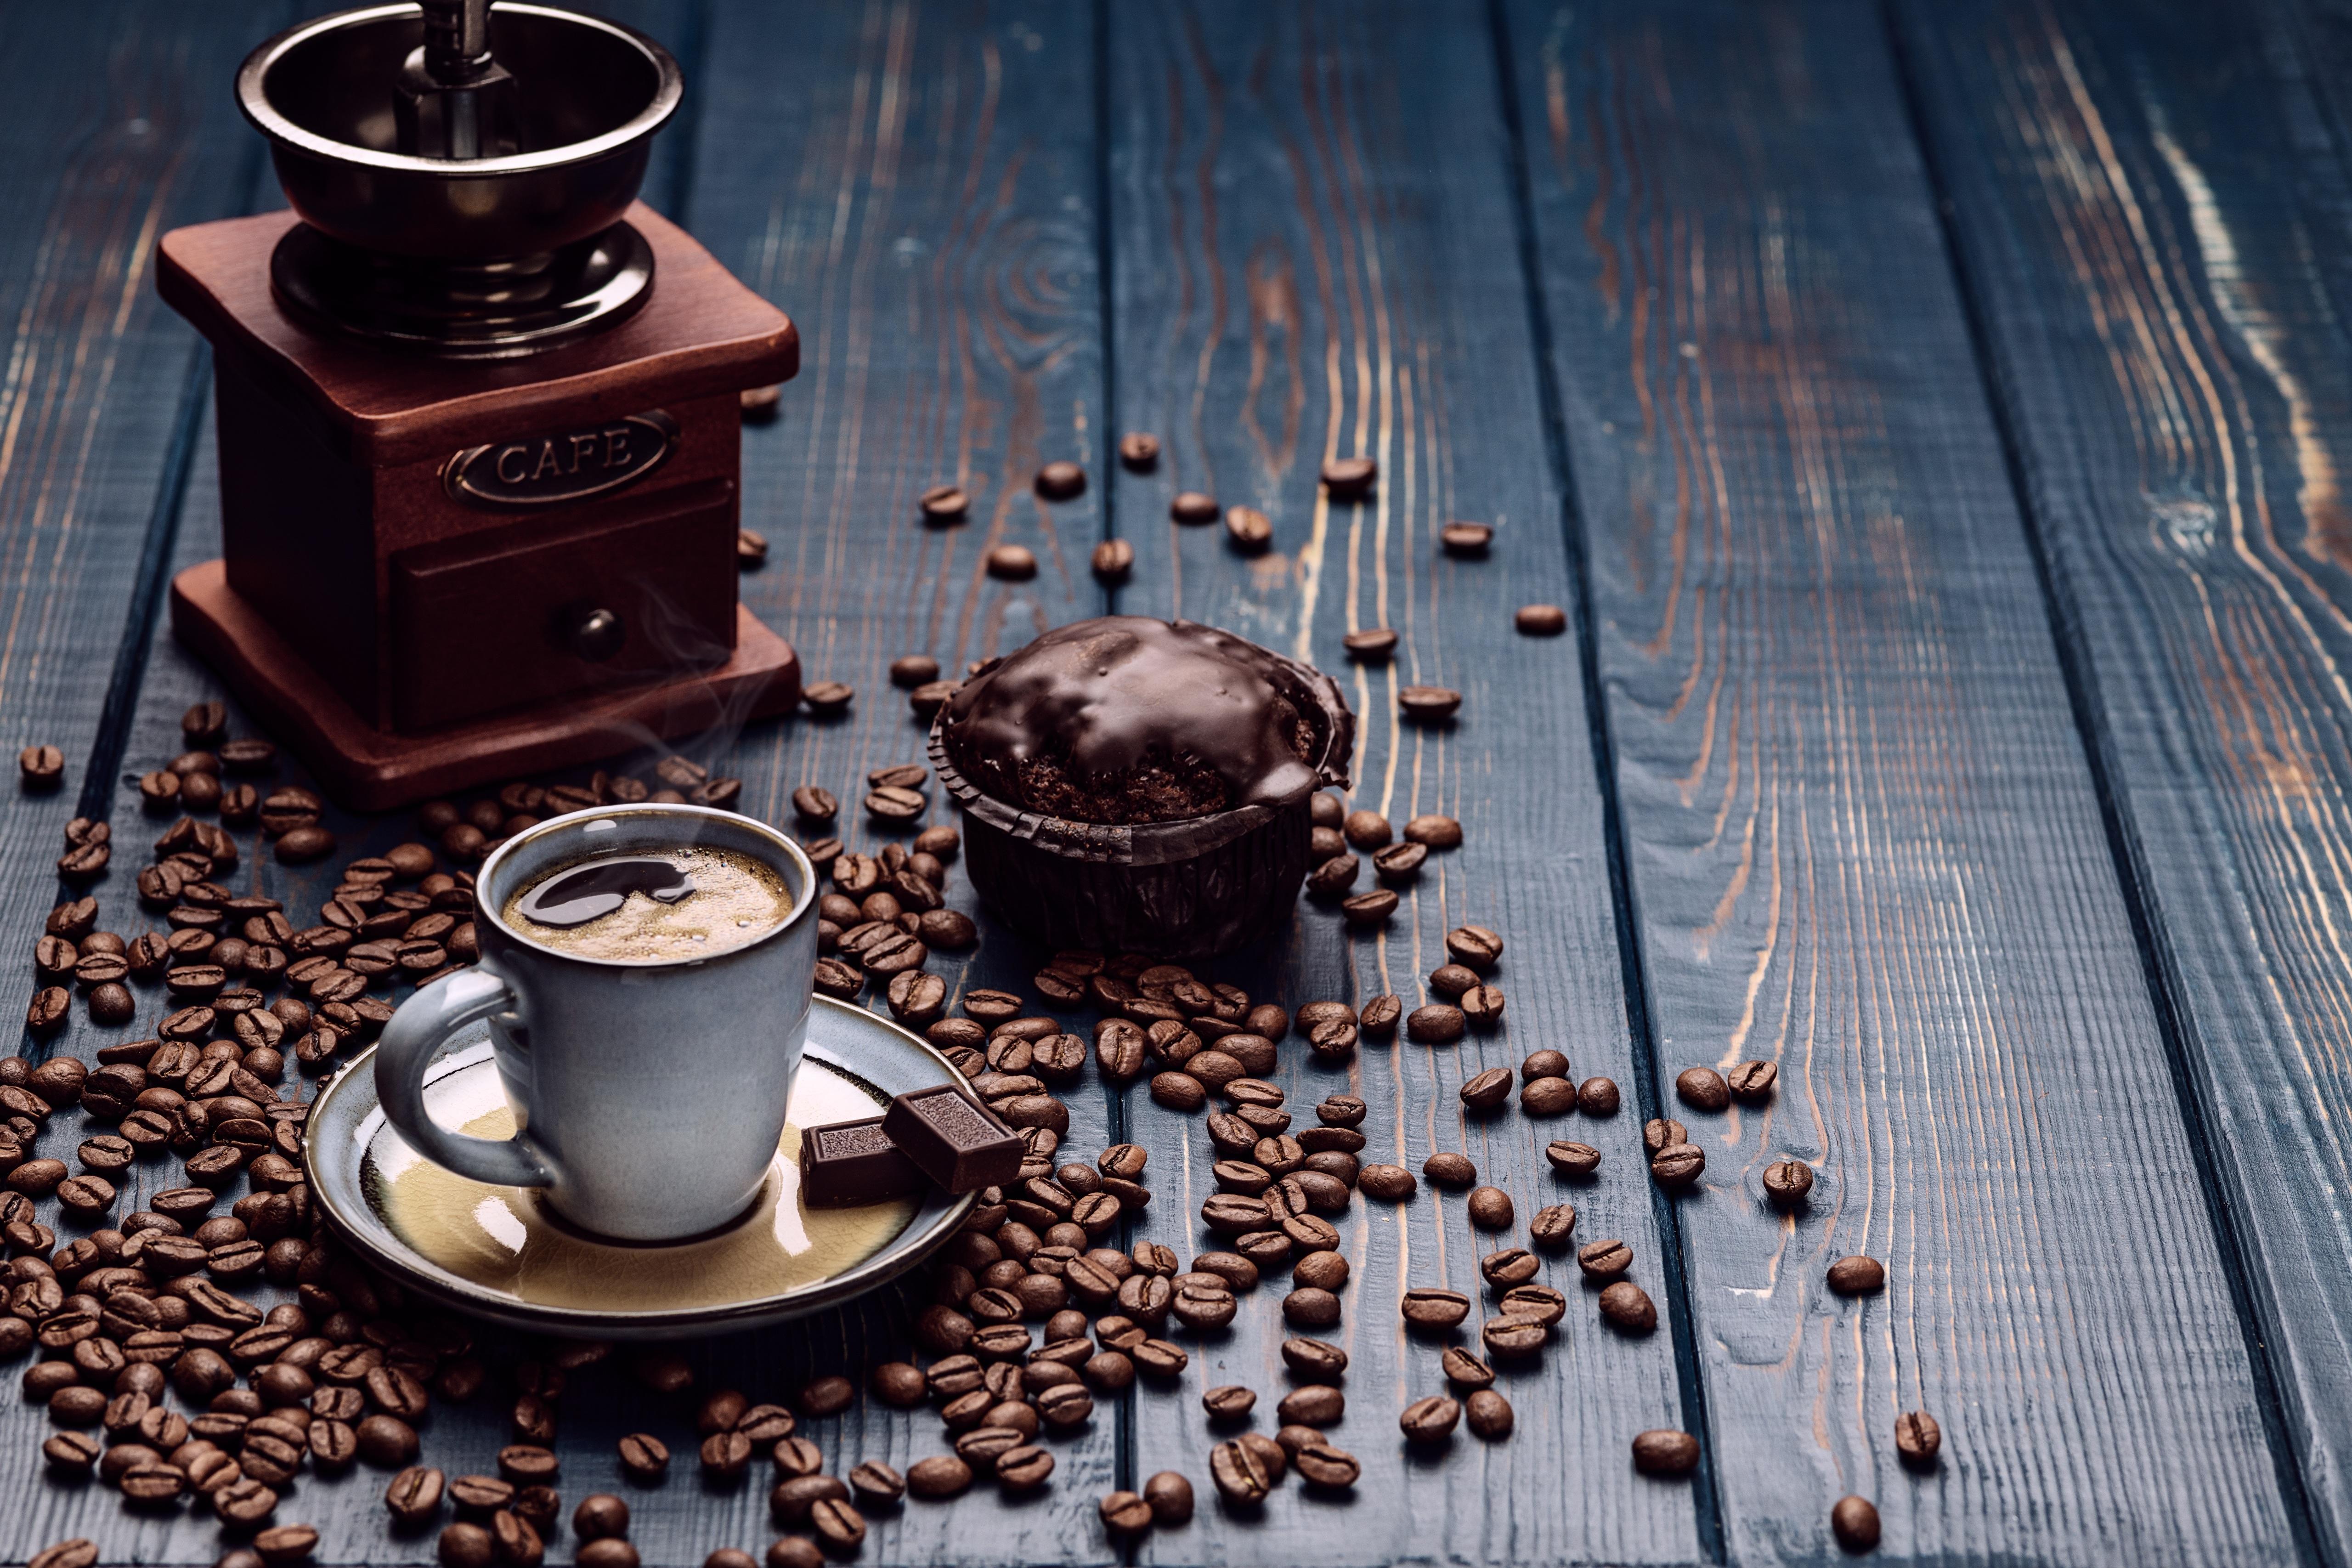 парку картинки кофе и шоколад фон порошино